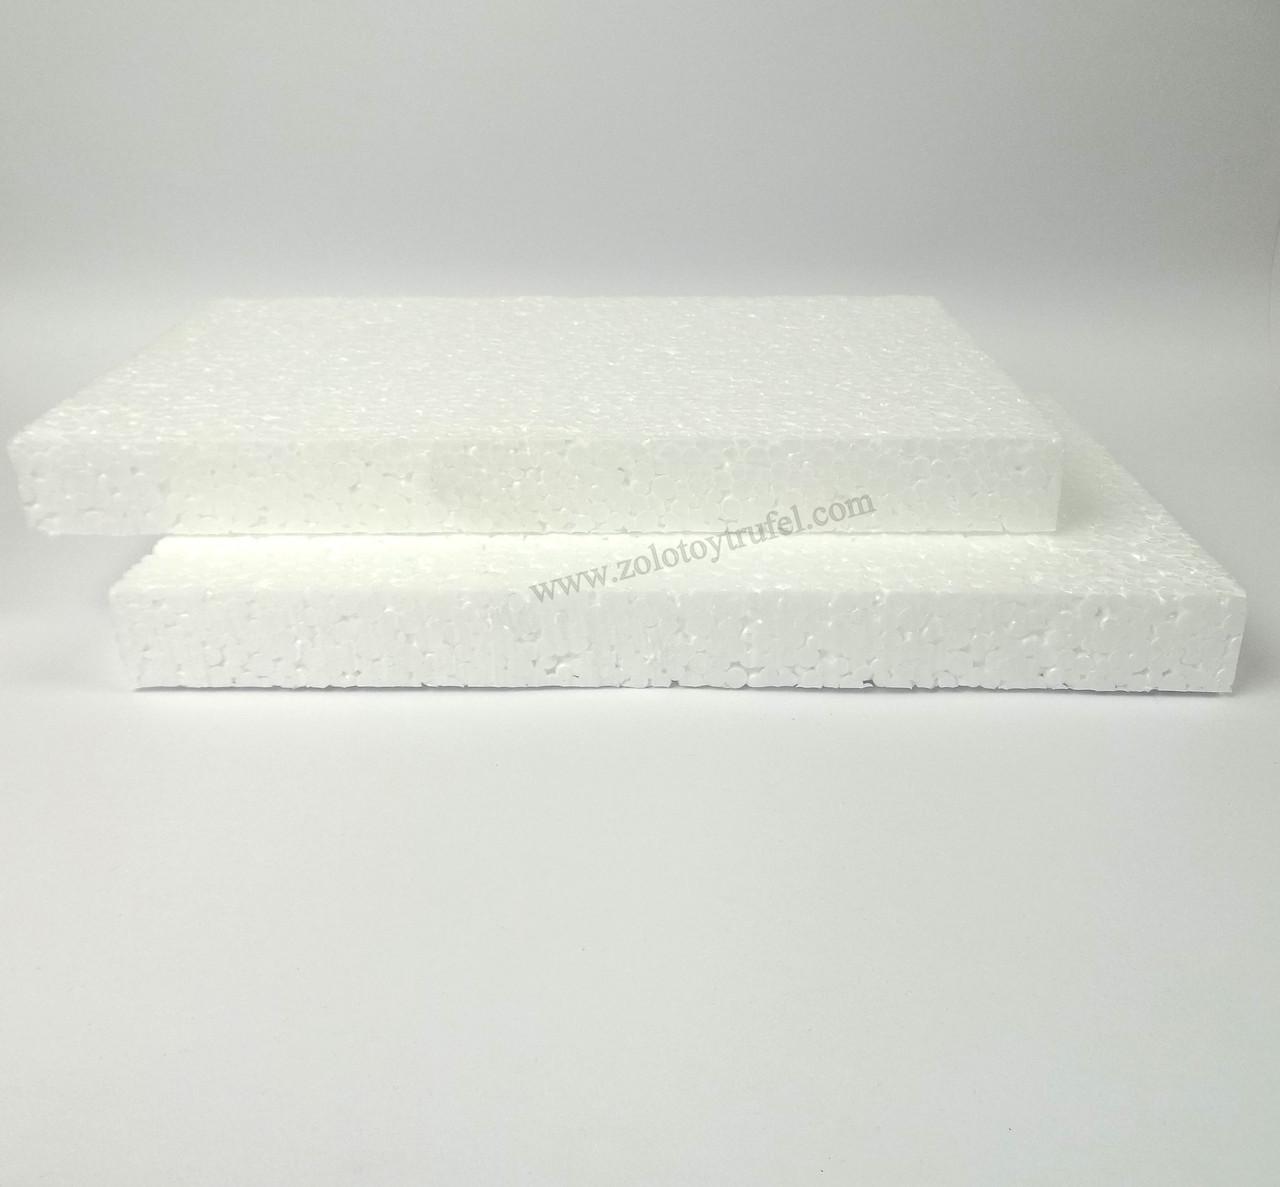 Прослойки пенопластовые для торта 26*26 см h 3 см